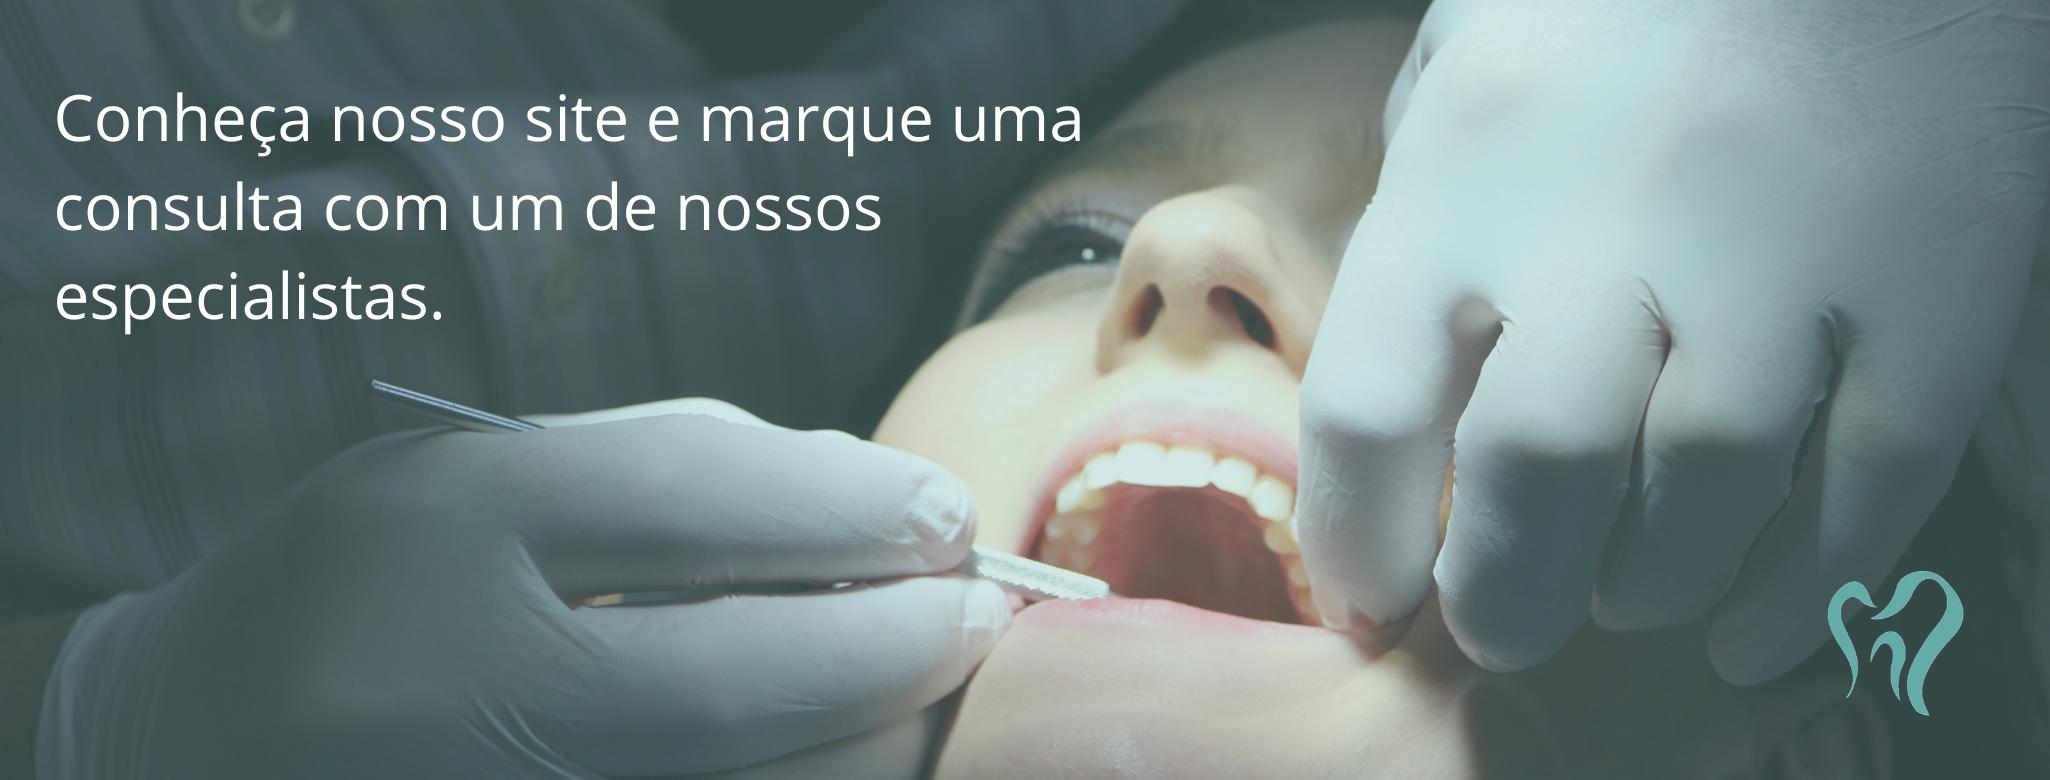 Visitar o site da clínica especializada em odontologia digital